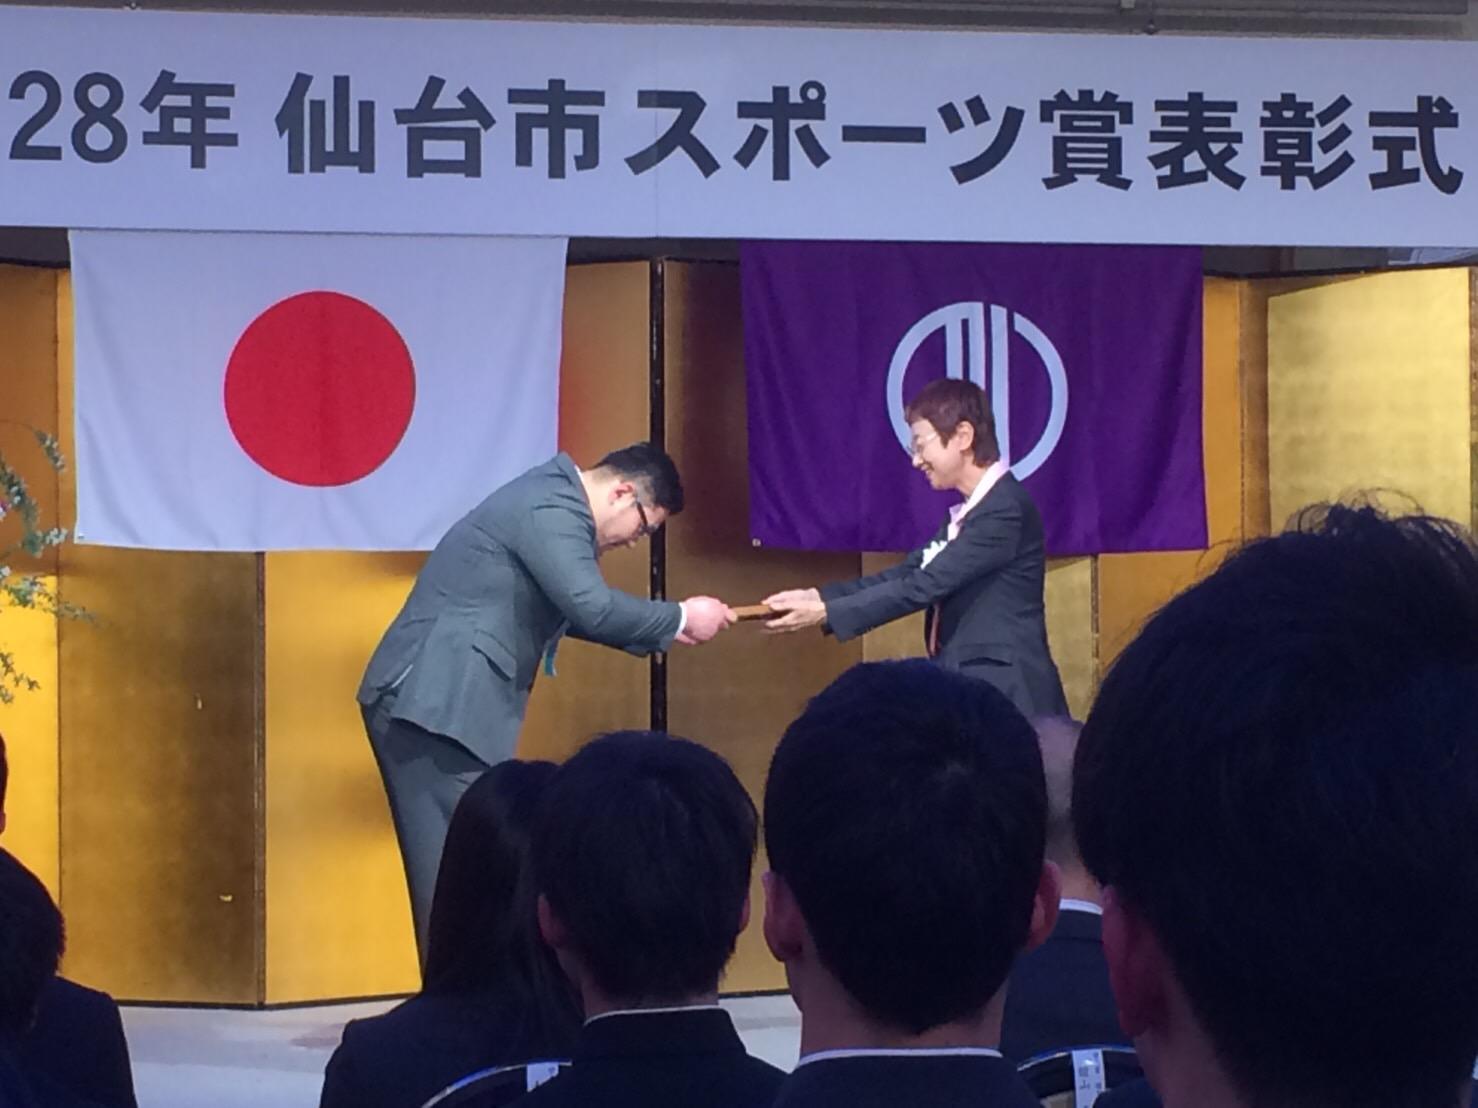 仙台 柔術 受賞 スポーツ